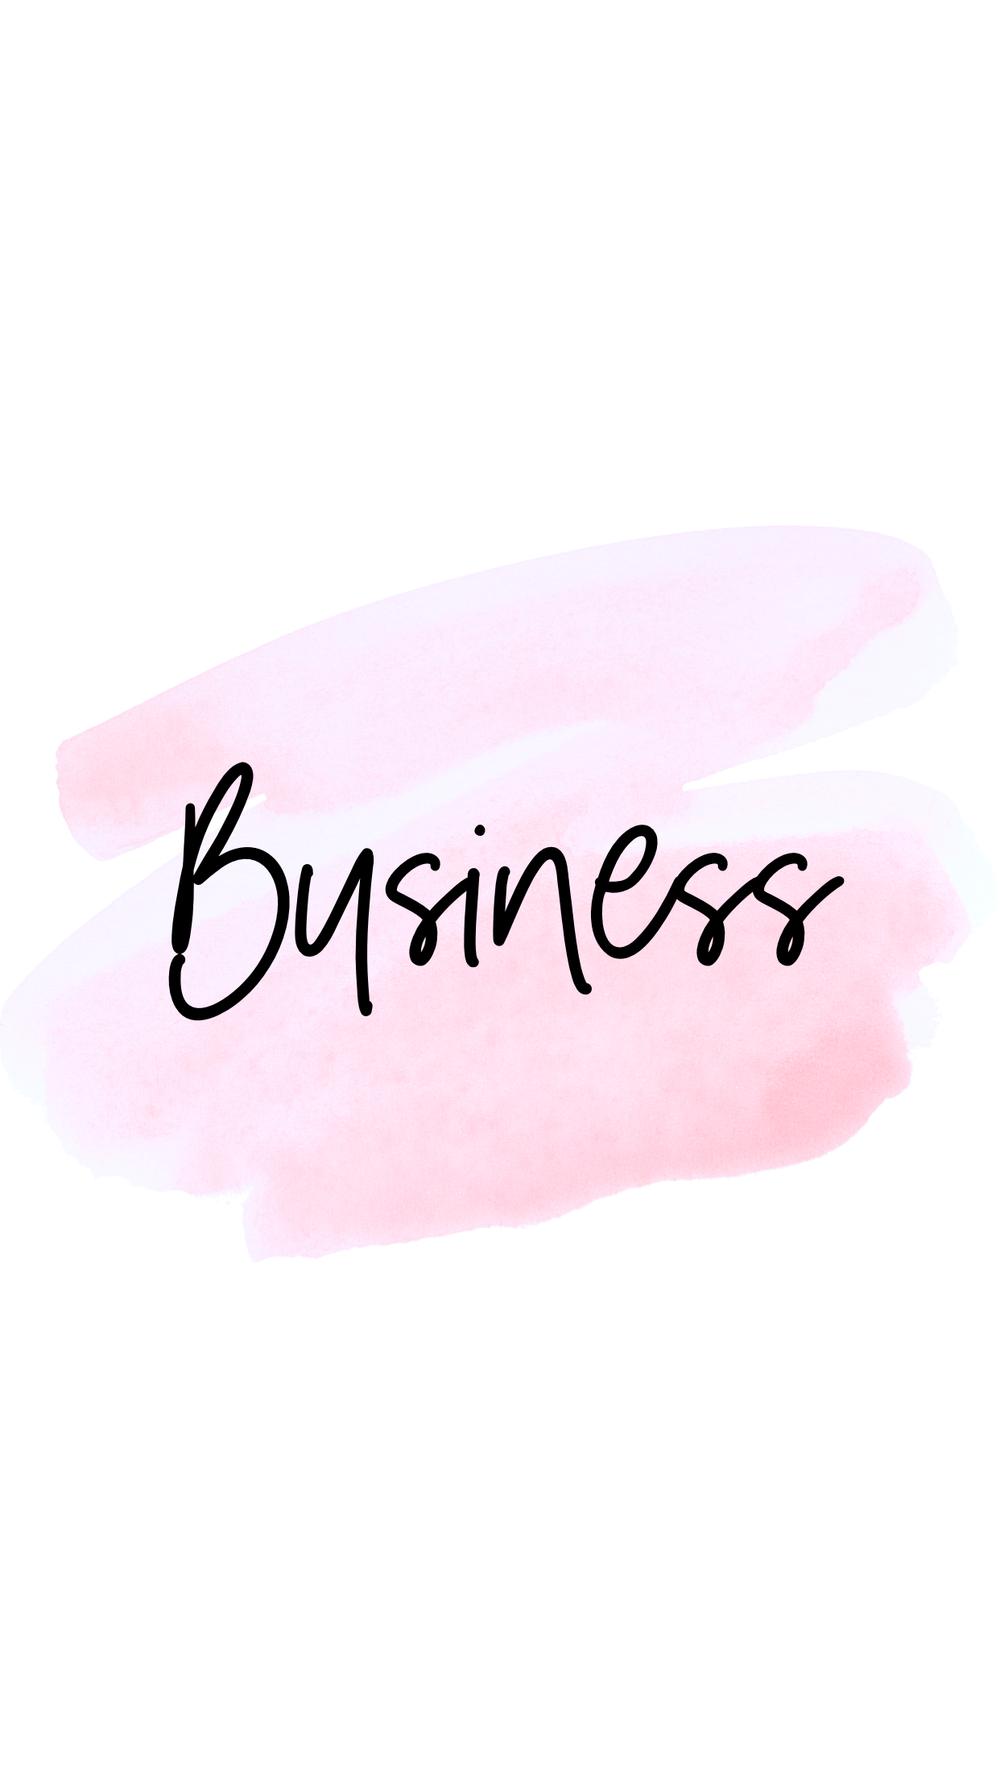 business highlight